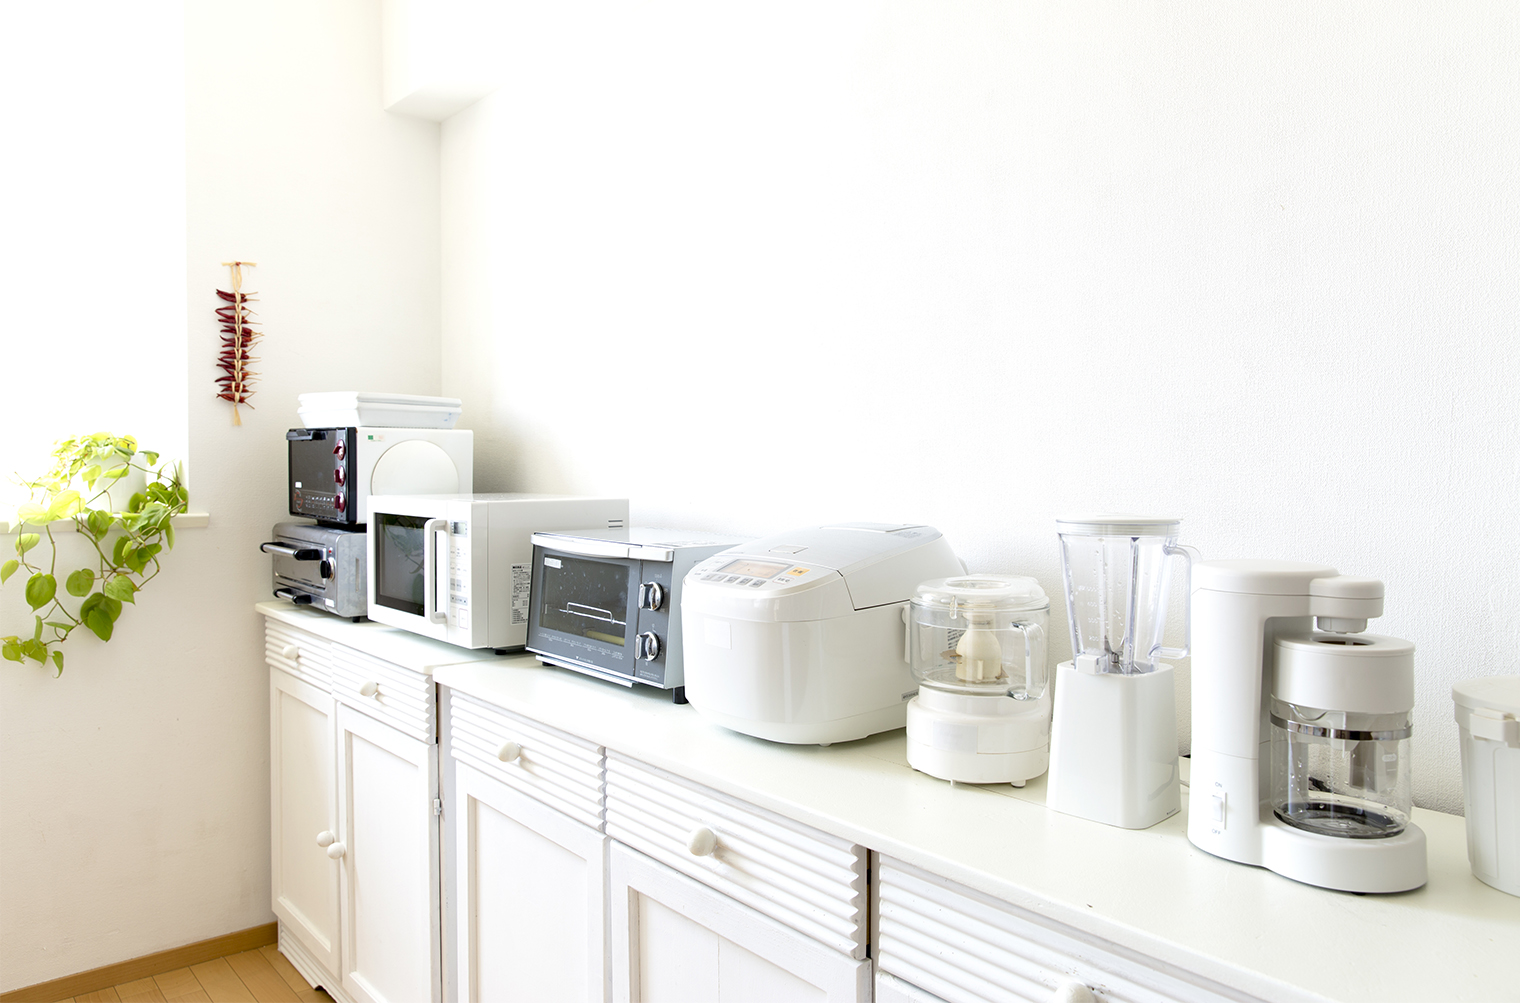 使わない家電は預かりサービスを使ってすっきり暮す